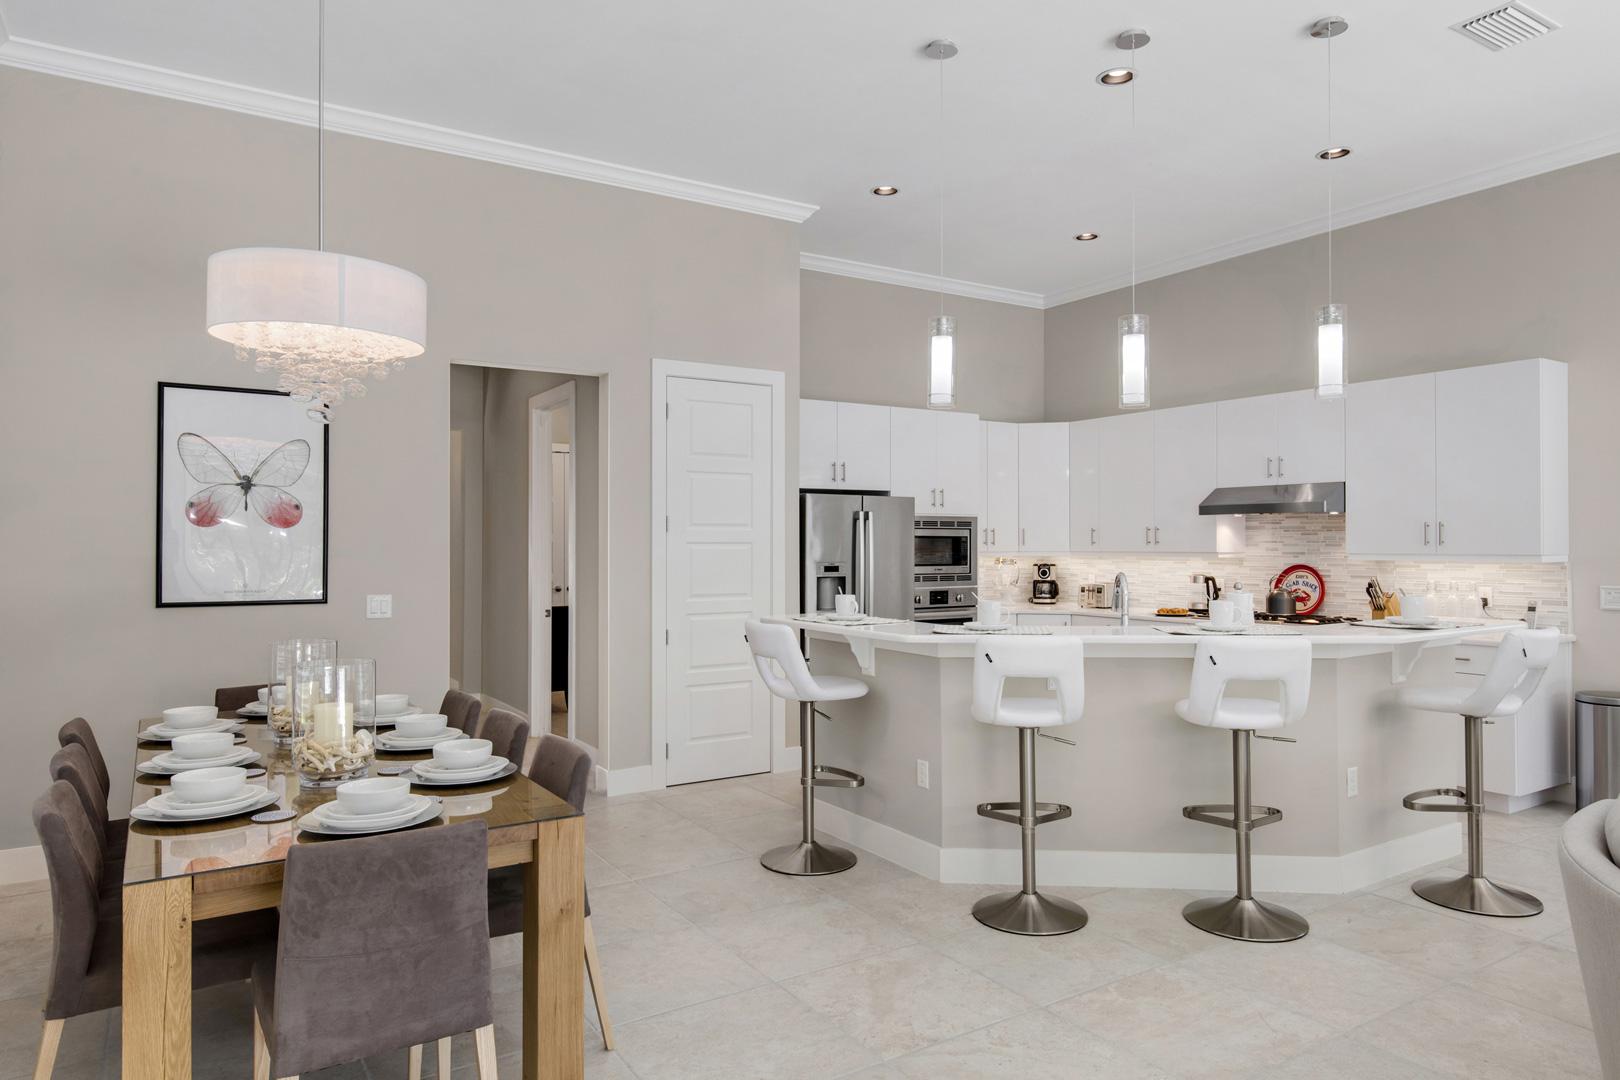 Kitchens5